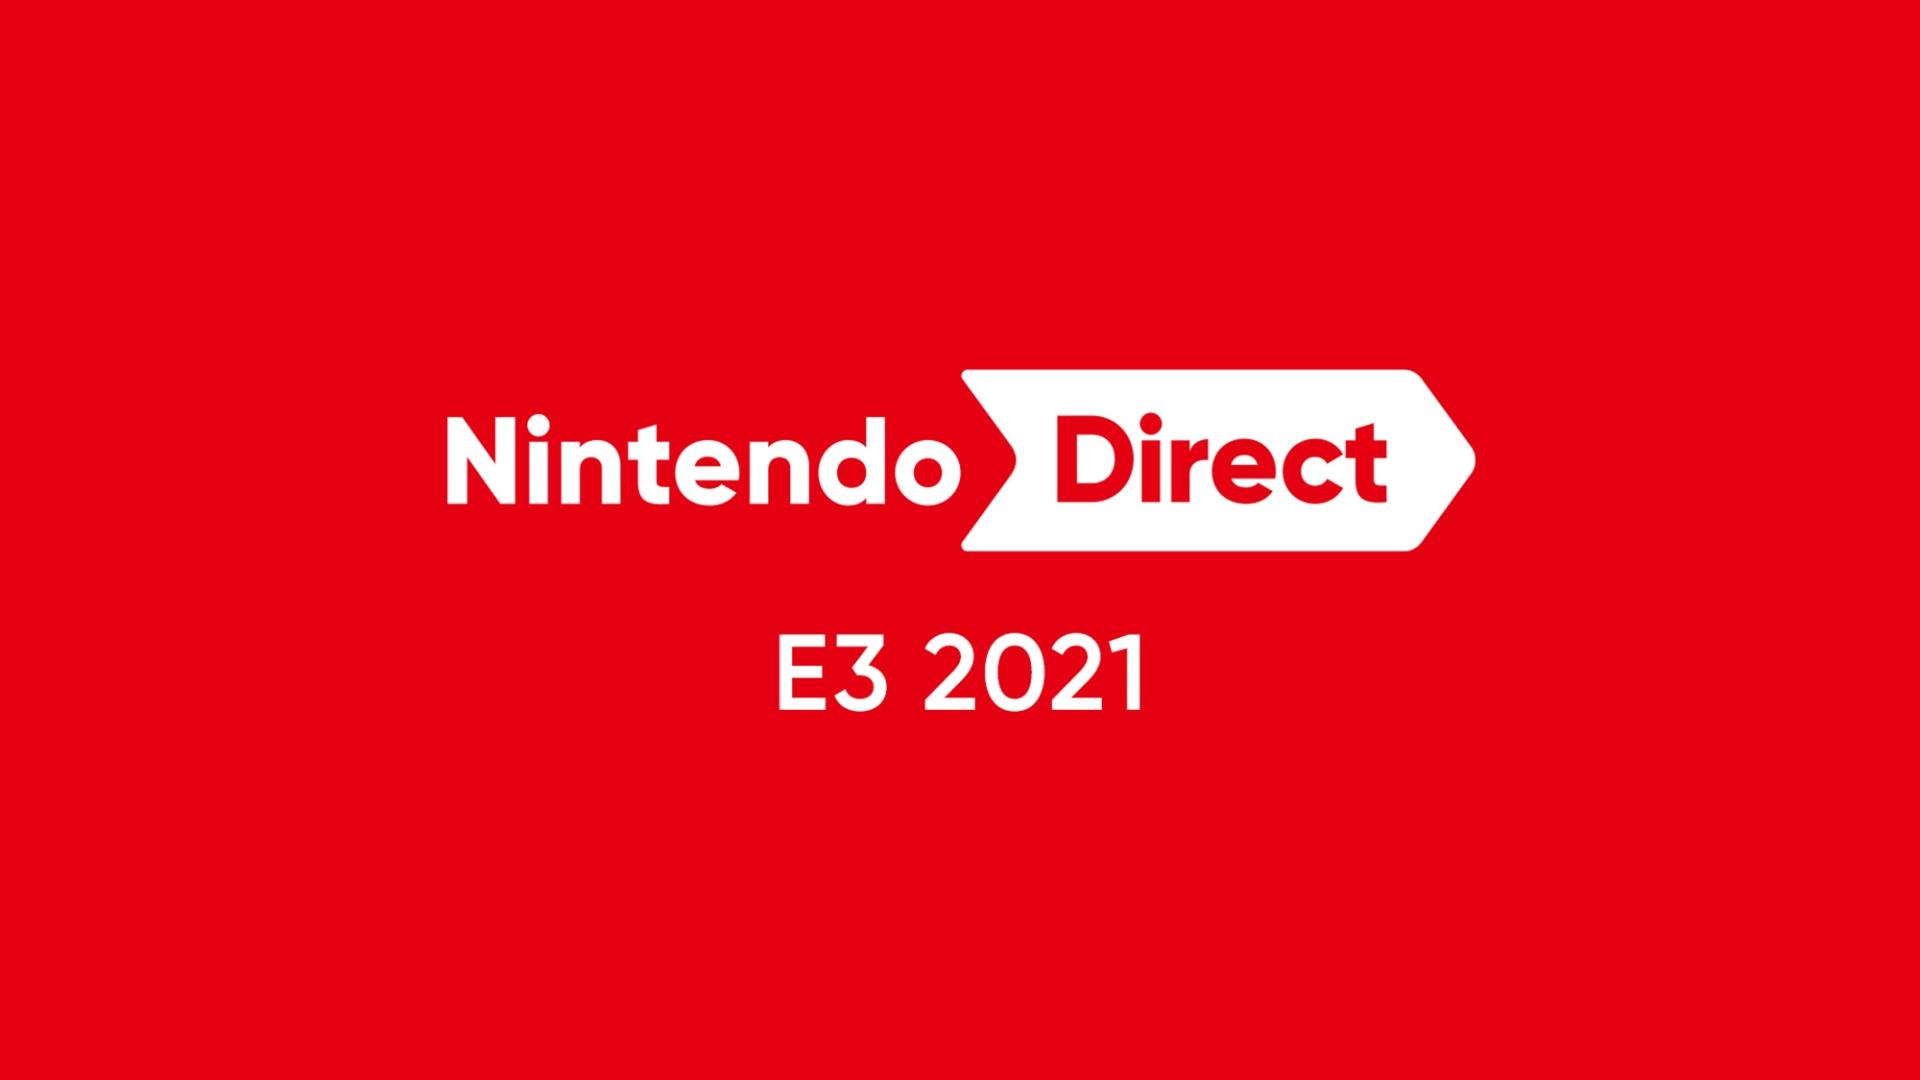 E3 2021: Nintendo Direct